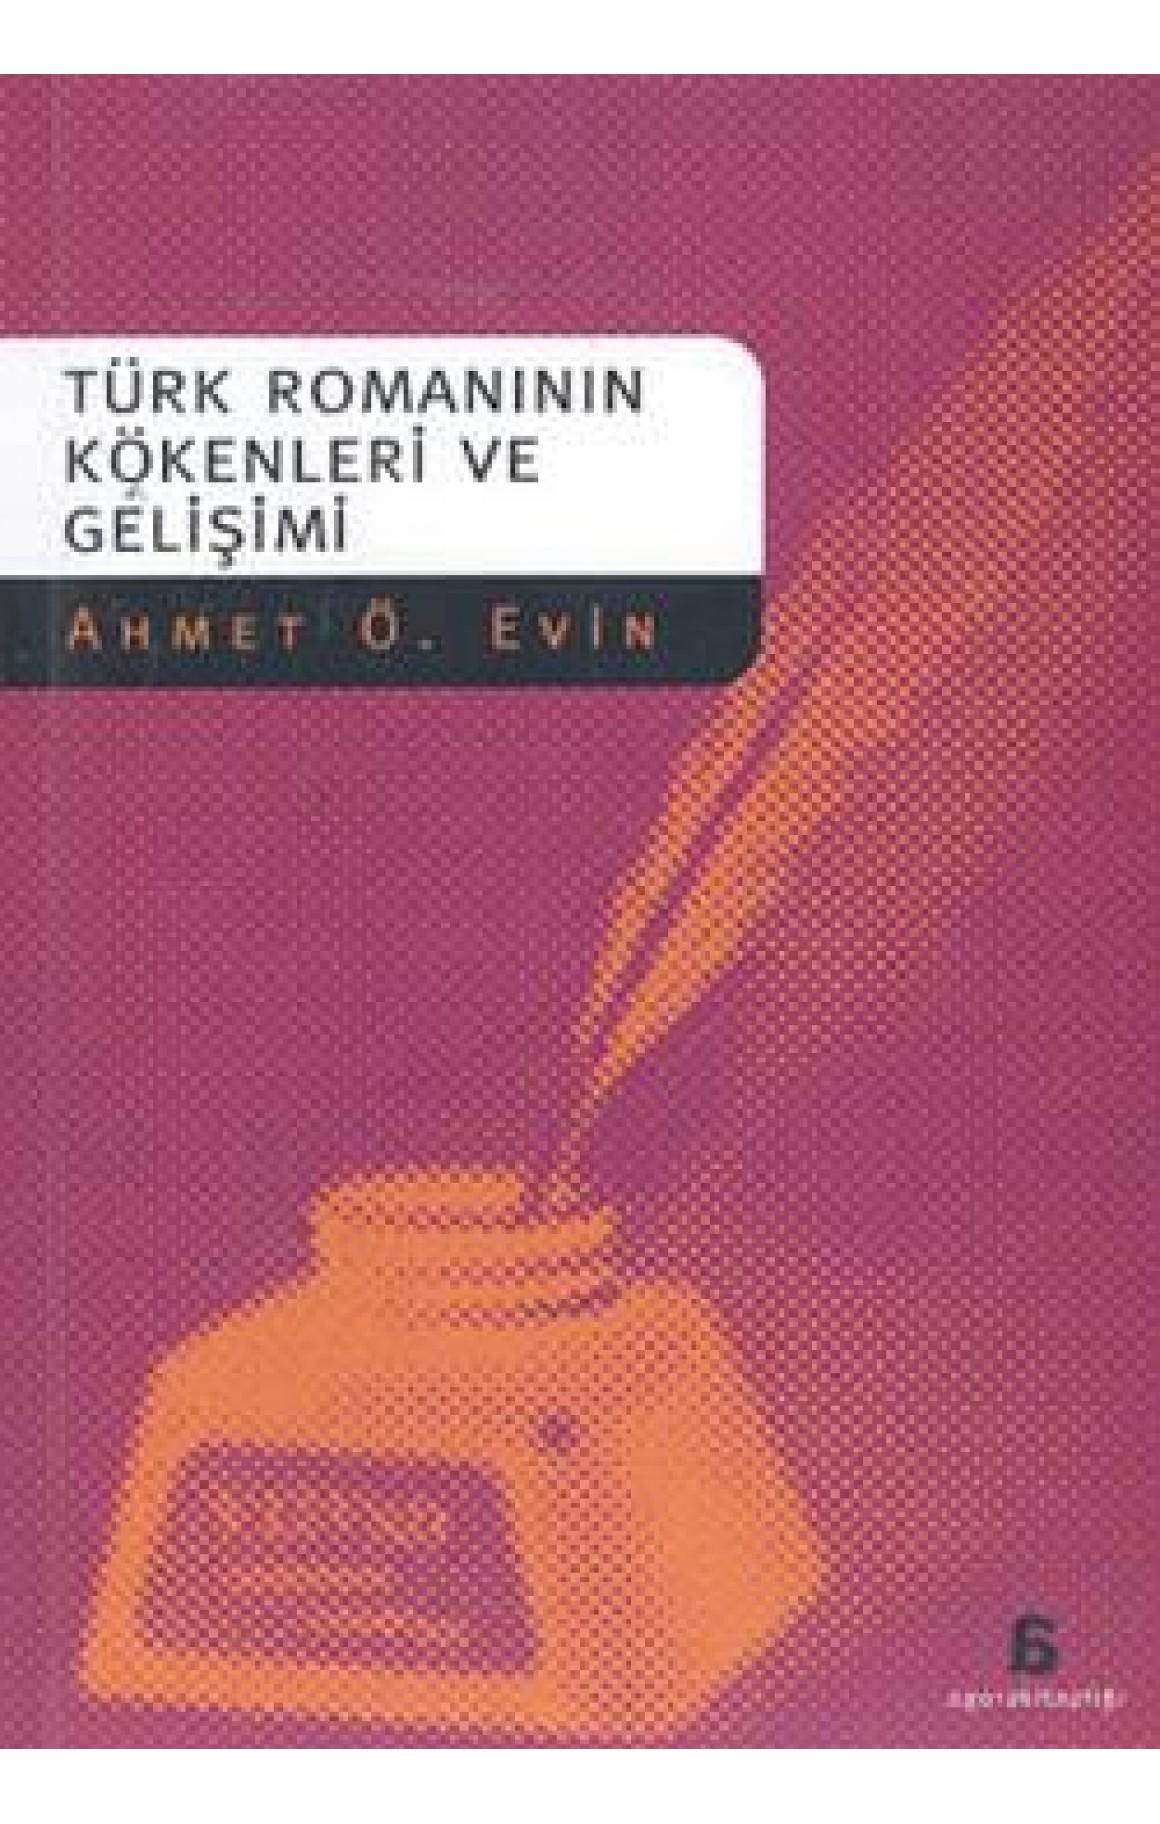 Türk Romanlarının Kökenleri ve Gelişimi